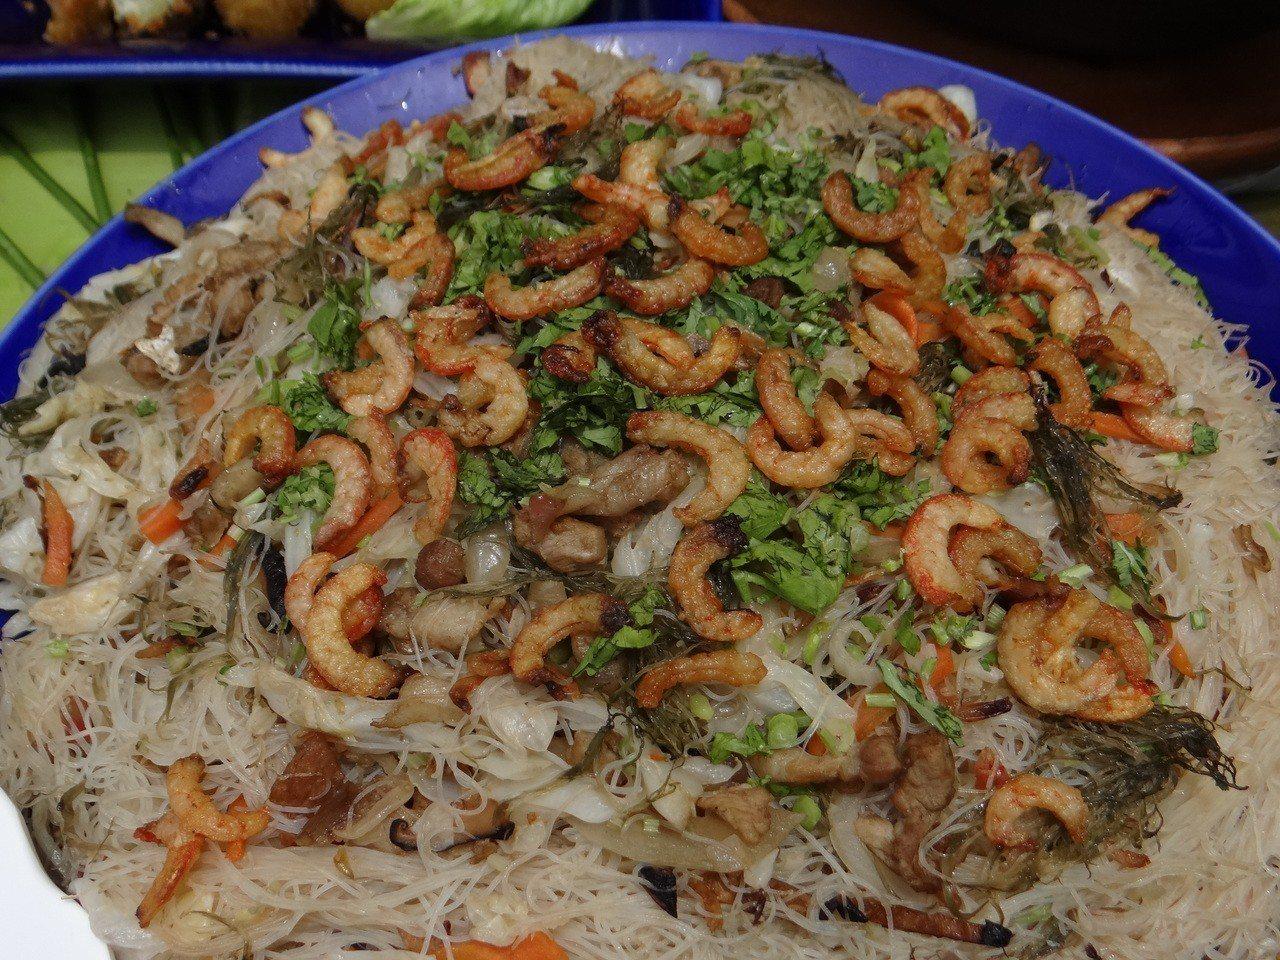 天然曝曬的蝦干搭配老店生產的炒米粉,保證一碗接一碗。記者蔡維斌/攝影